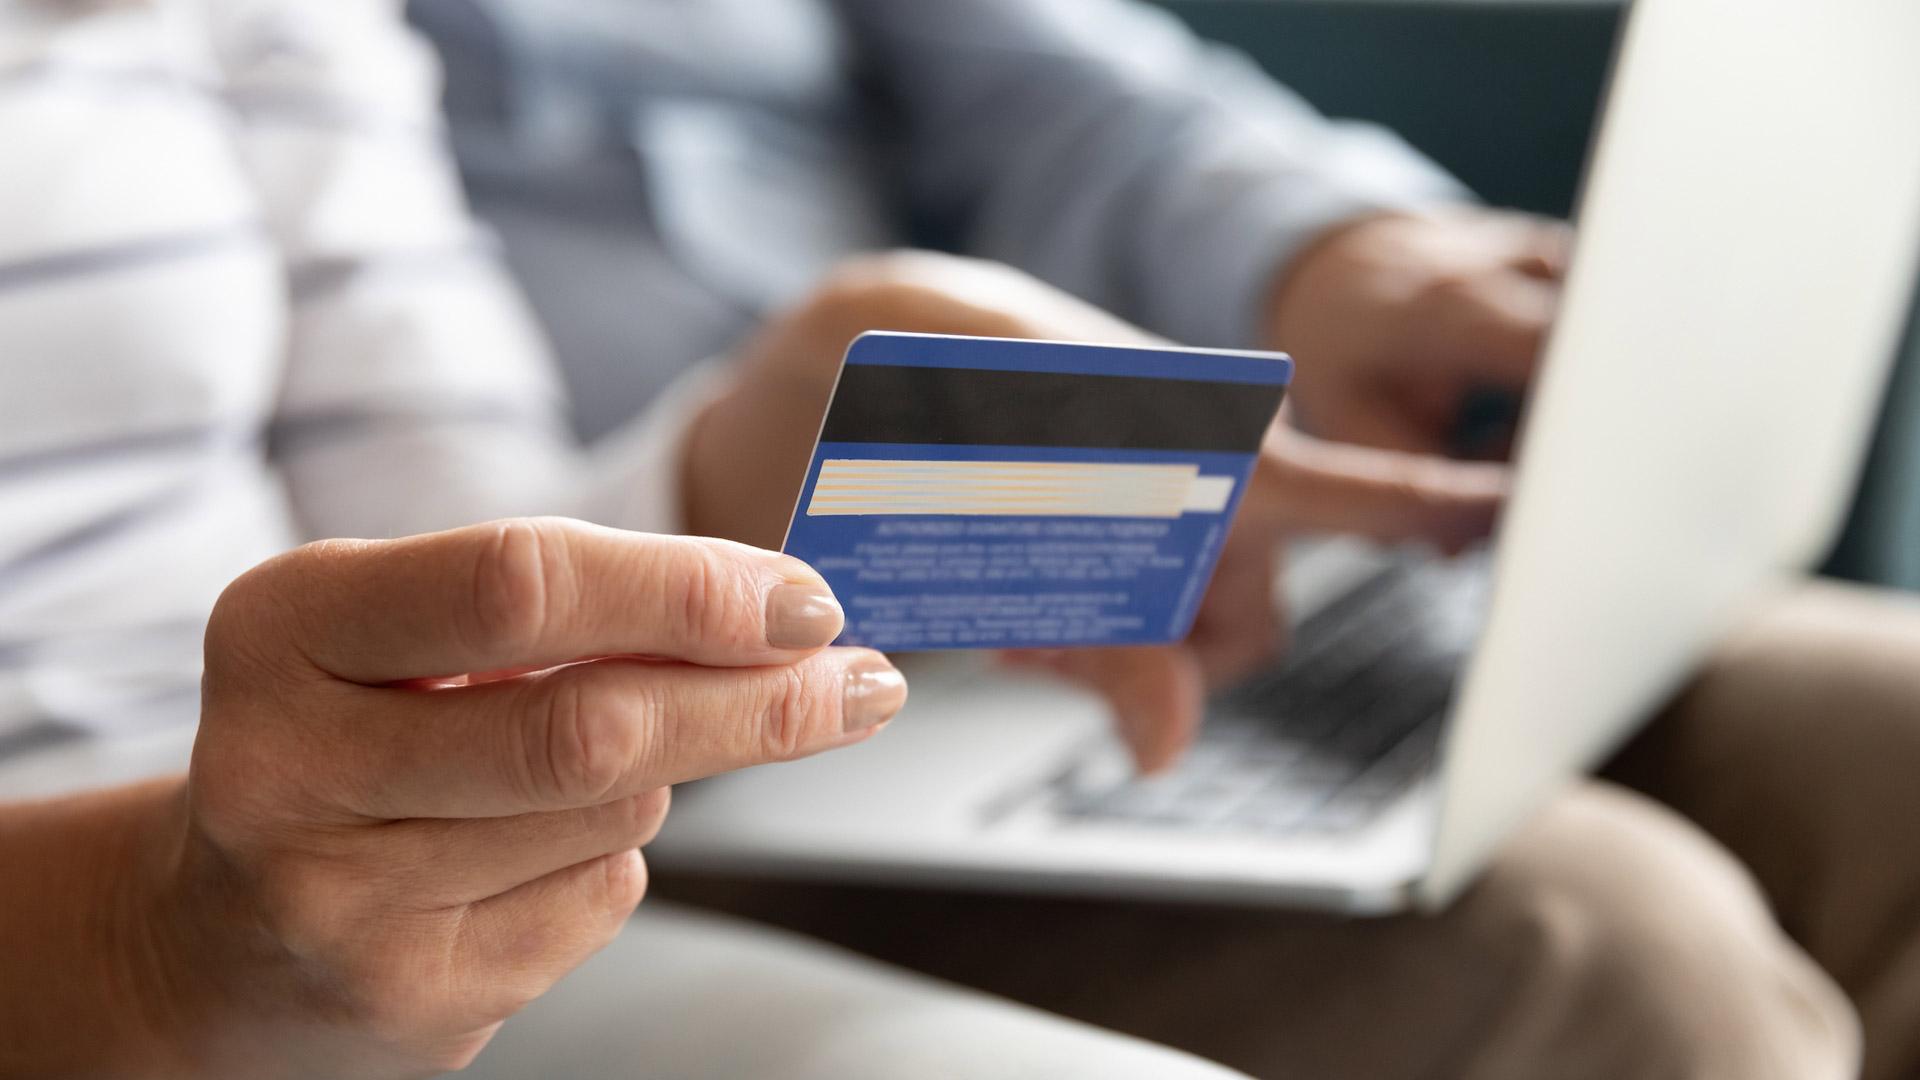 Jos lentoyhtiölle tai matkanjärjestäjälle käy köpelösti eli tulee konkurssi, saat rahasi takaisin, kun olet maksanut luottokortilla.